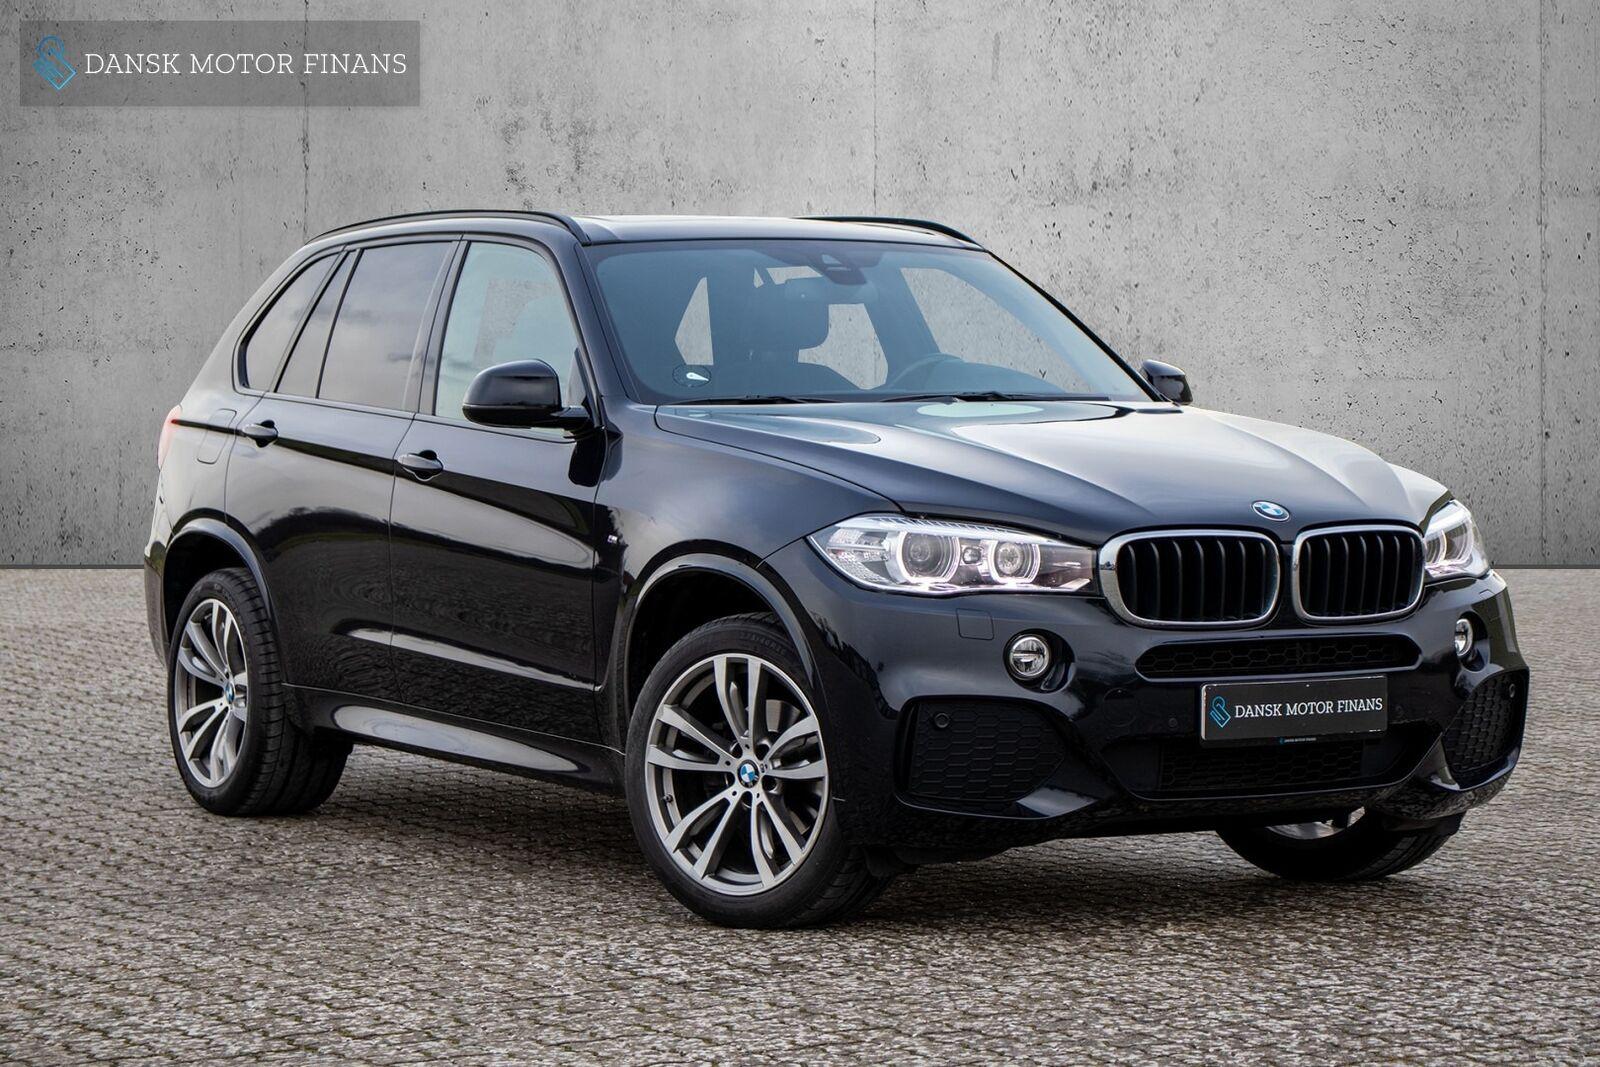 BMW X5 3,0 xDrive30d M-Sport aut. 5d - 639.900 kr.